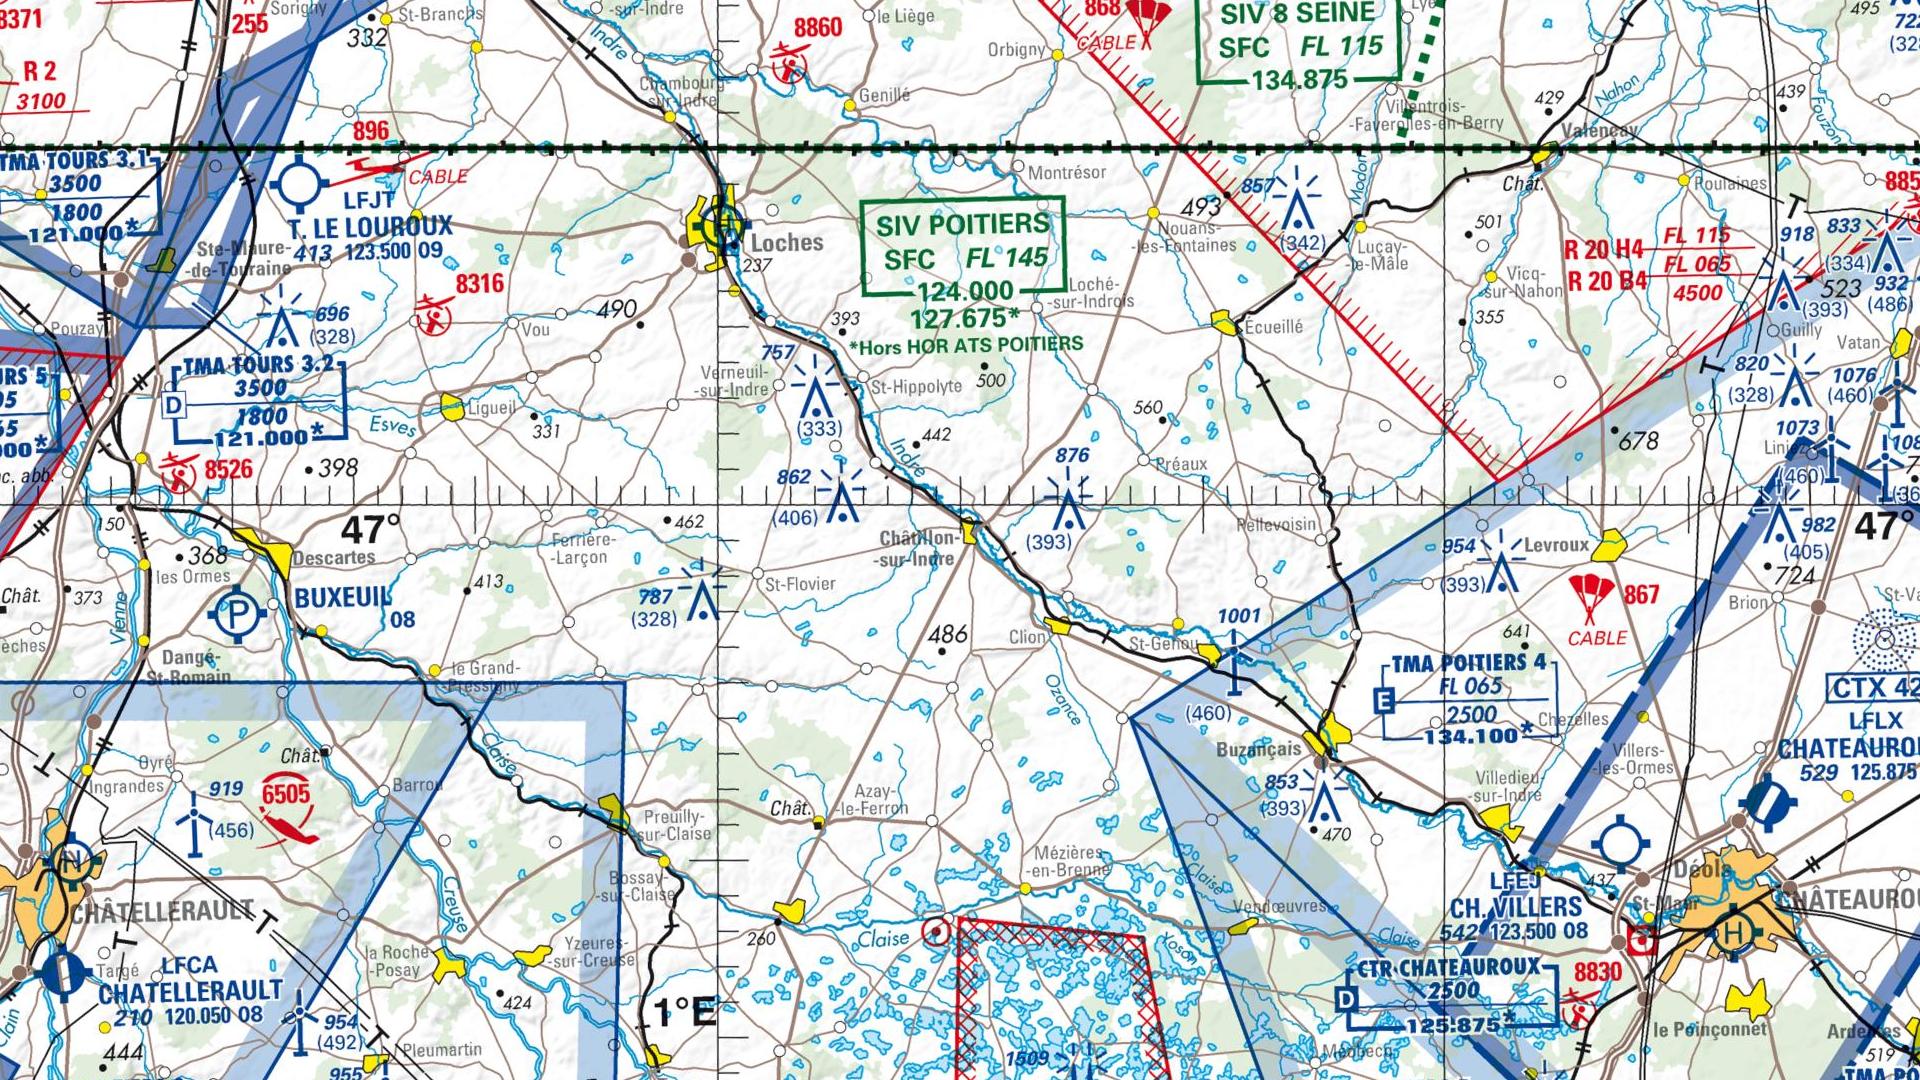 Réglementation drone à Chatillon sur indre